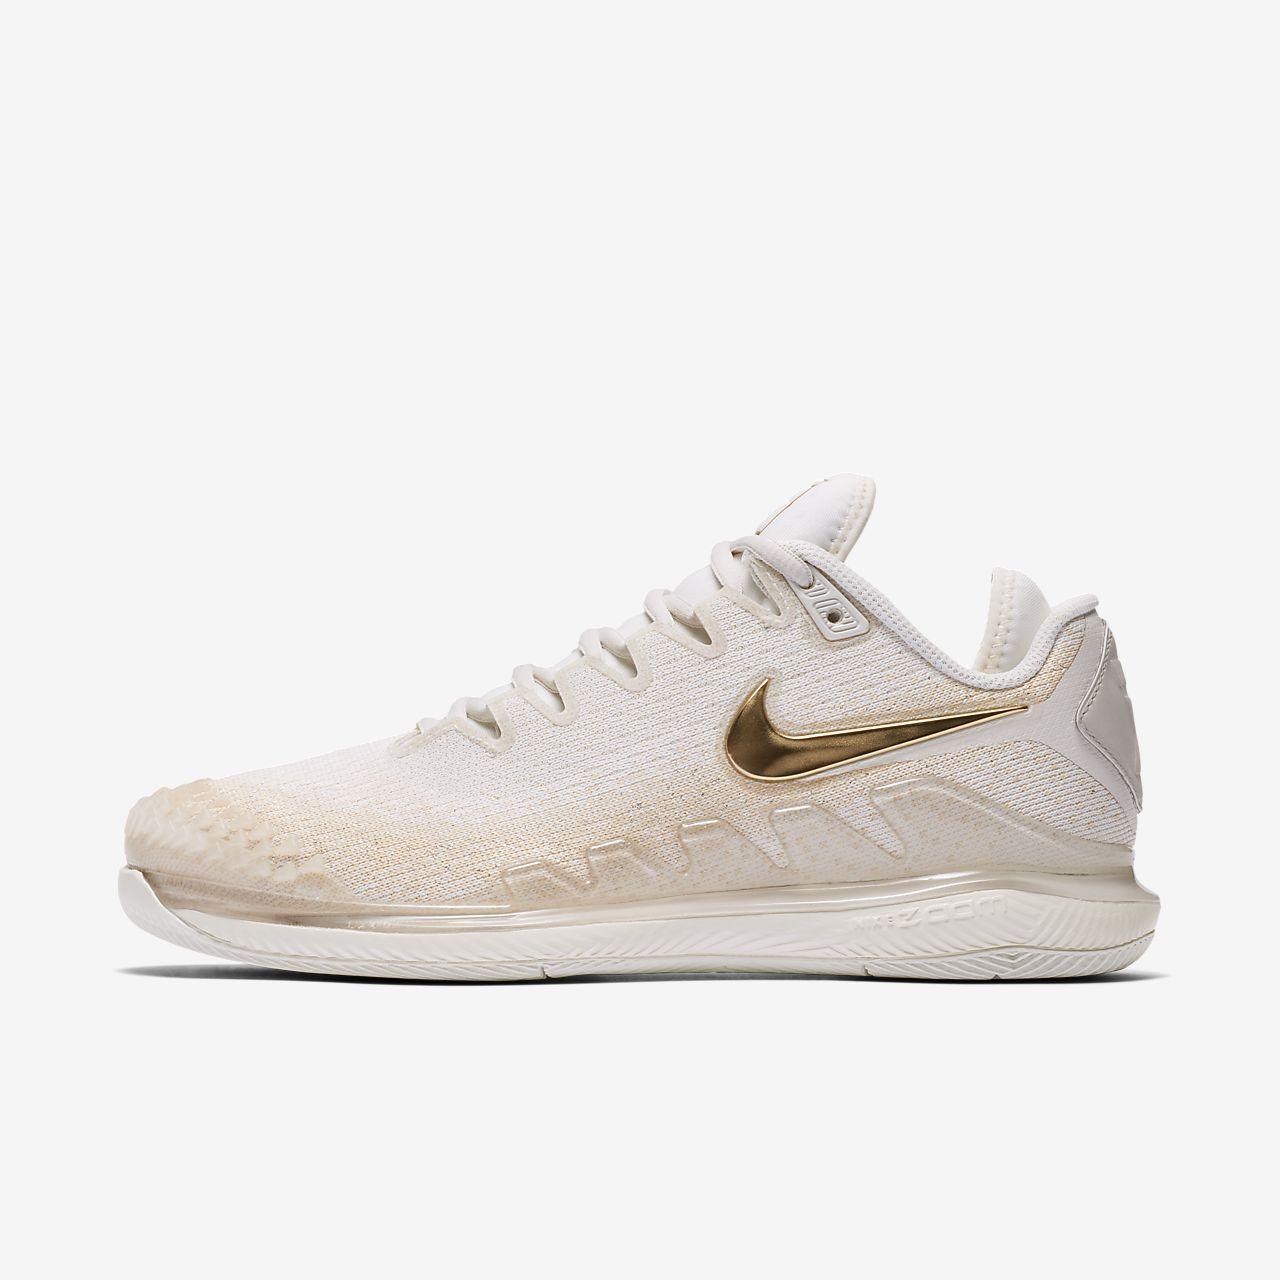 Calzado de tenis de cancha dura para mujer NikeCourt Air Zoom Vapor X Knit